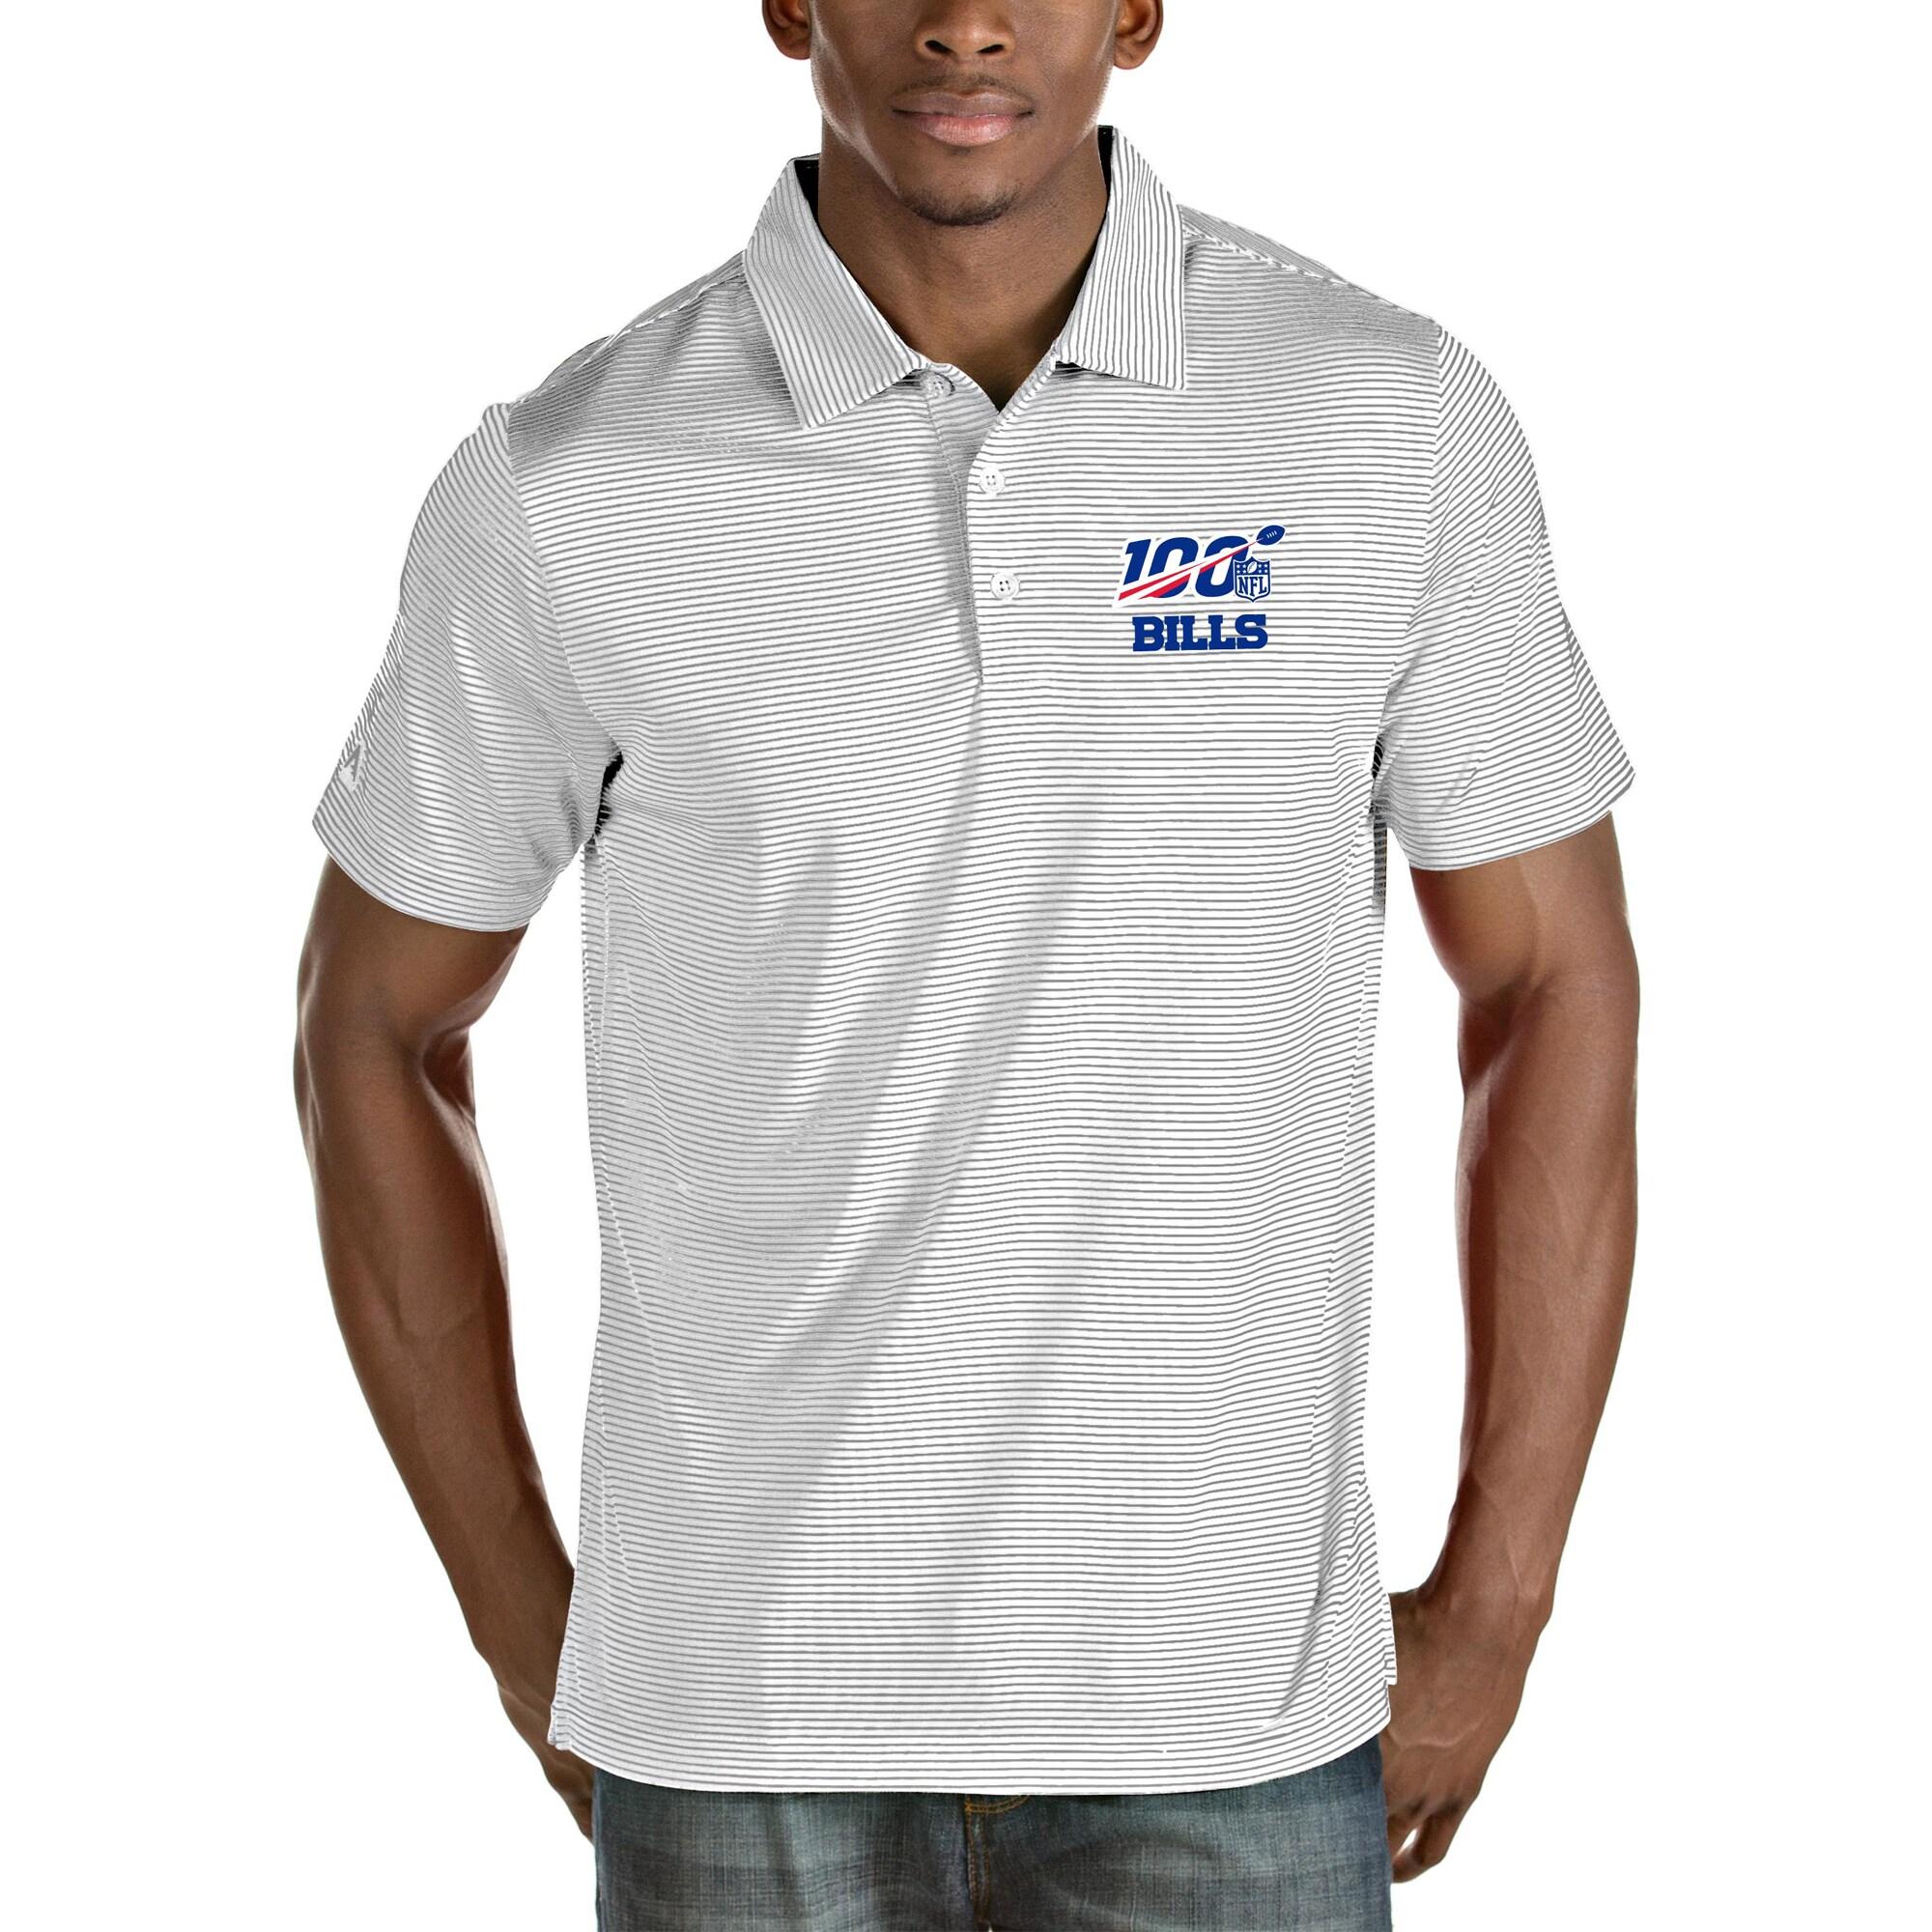 Buffalo Bills Antigua NFL 100 Quest Polo - White/Silver